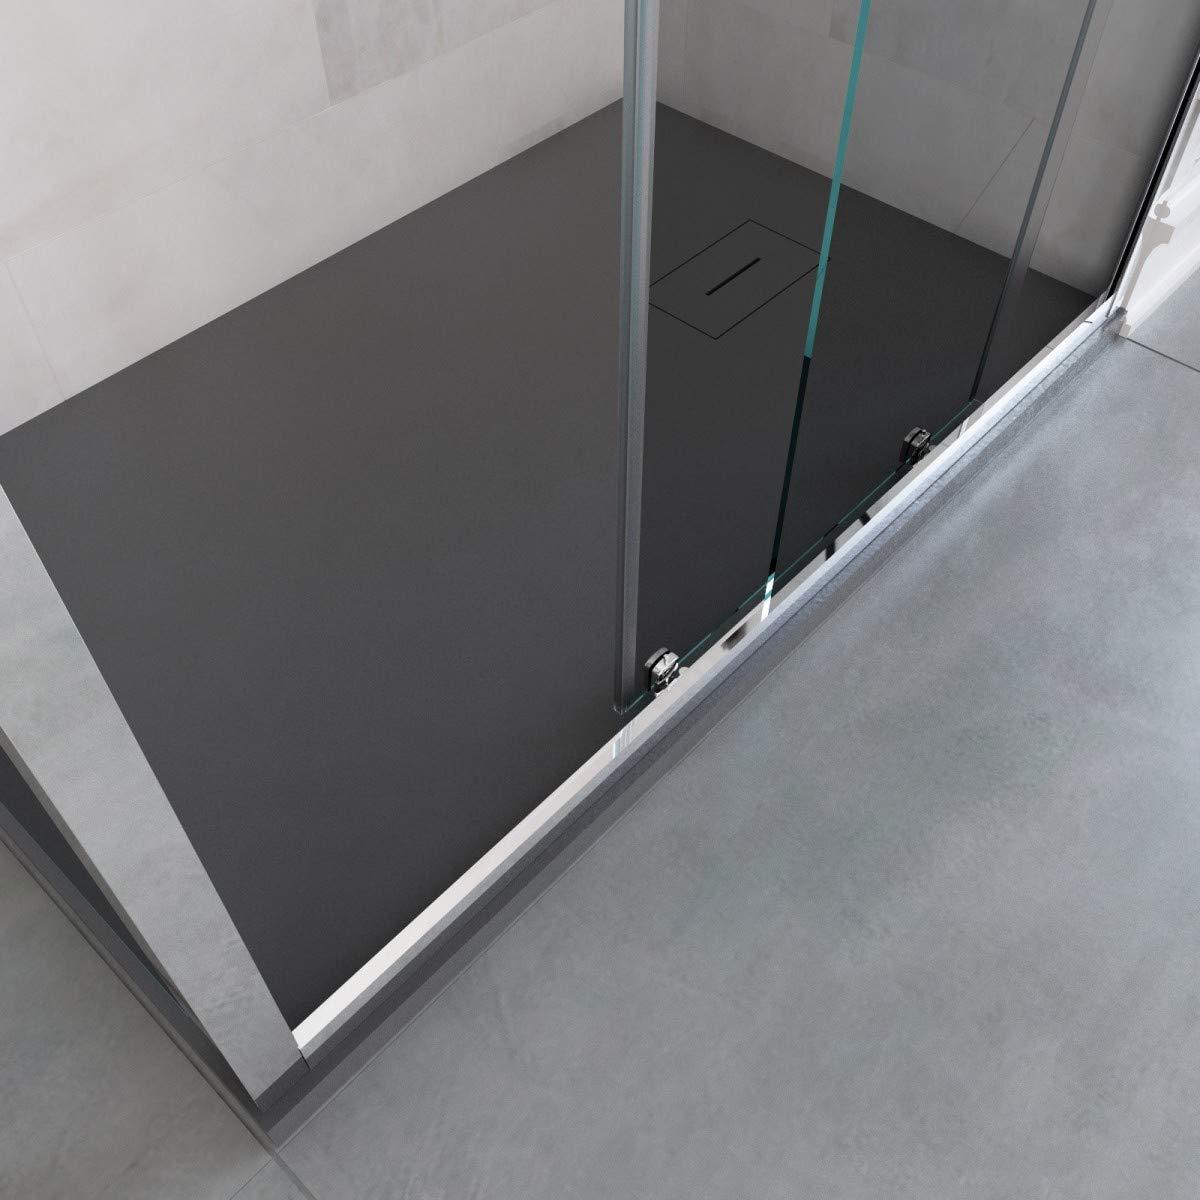 Olimpo - Mampara de Ducha de Tres Lados H195, con una Puerta corredera de Cristal translúcido ágata: Amazon.es: Hogar